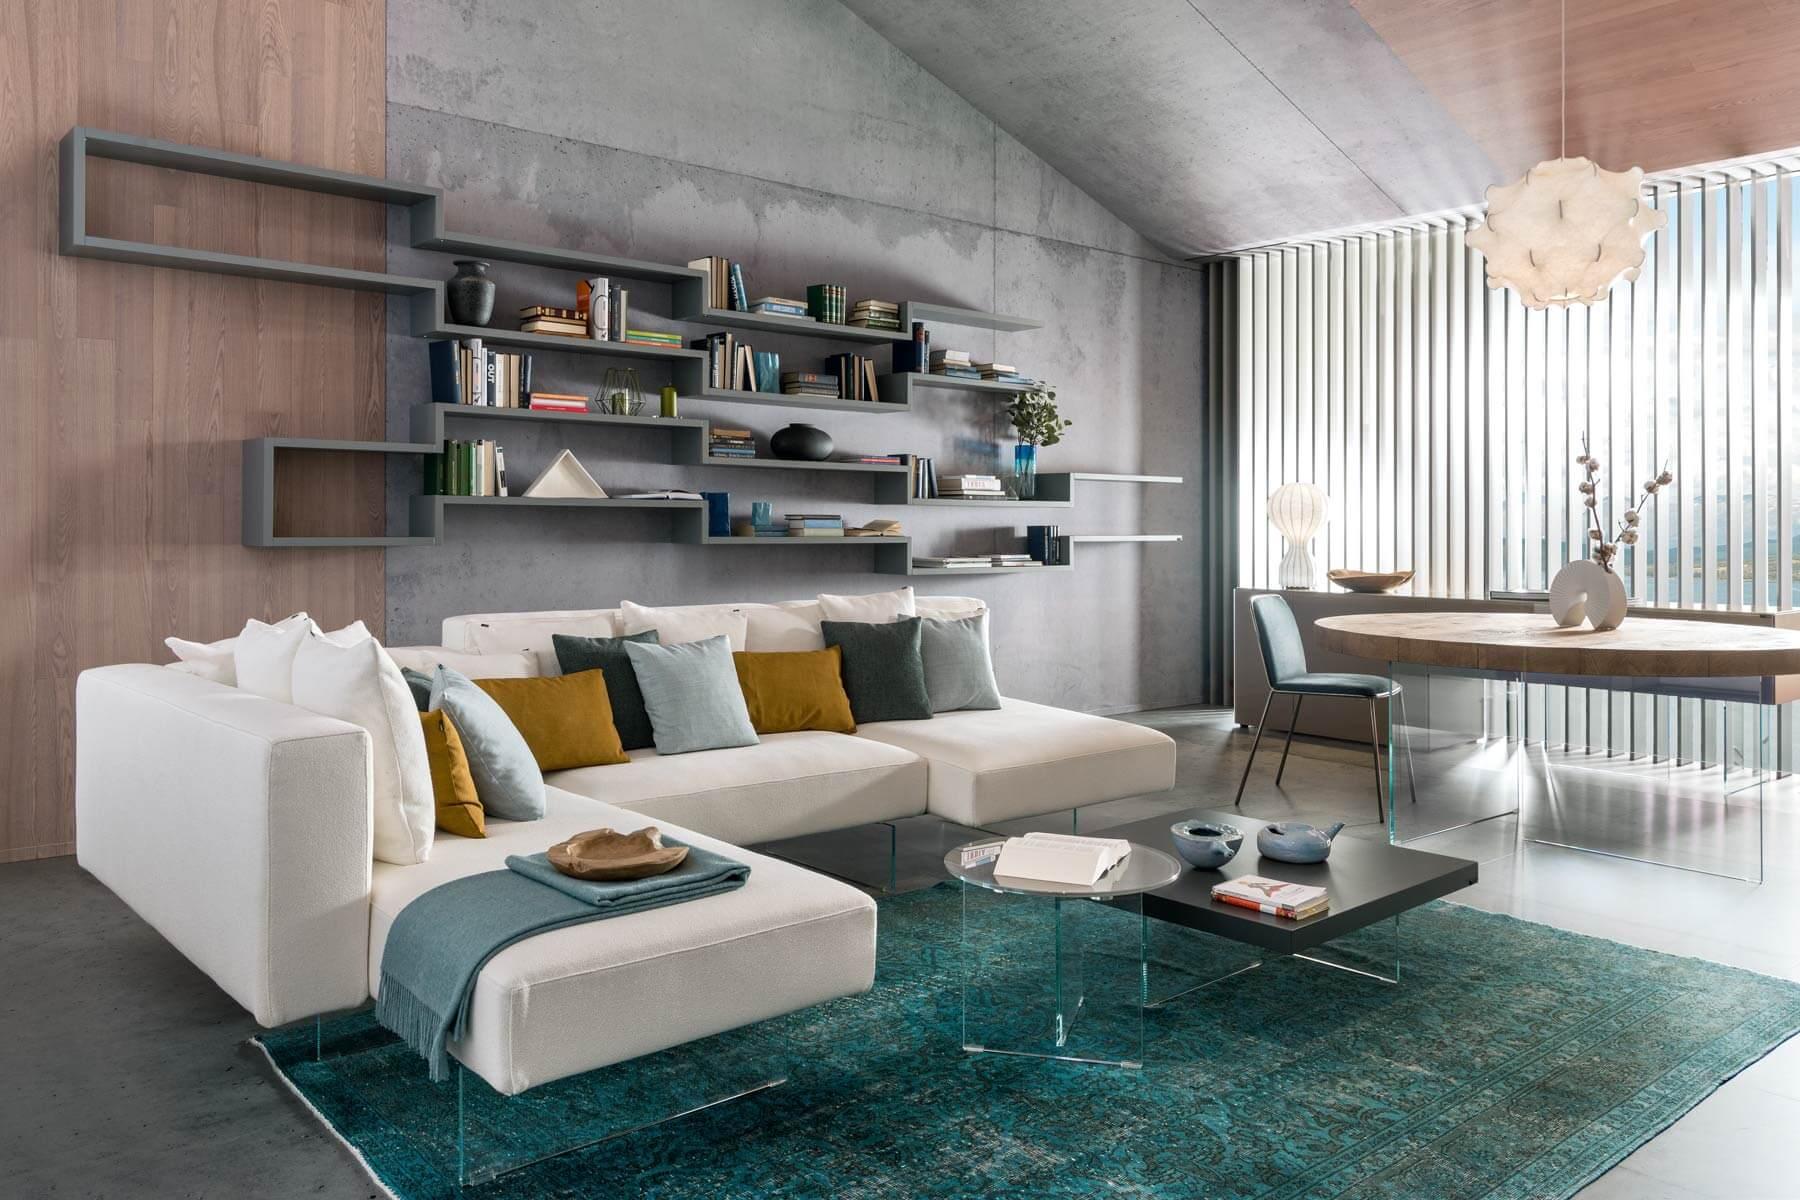 Dimensioni Tappeto Davanti Al Divano divani e dintorni - casamoderna